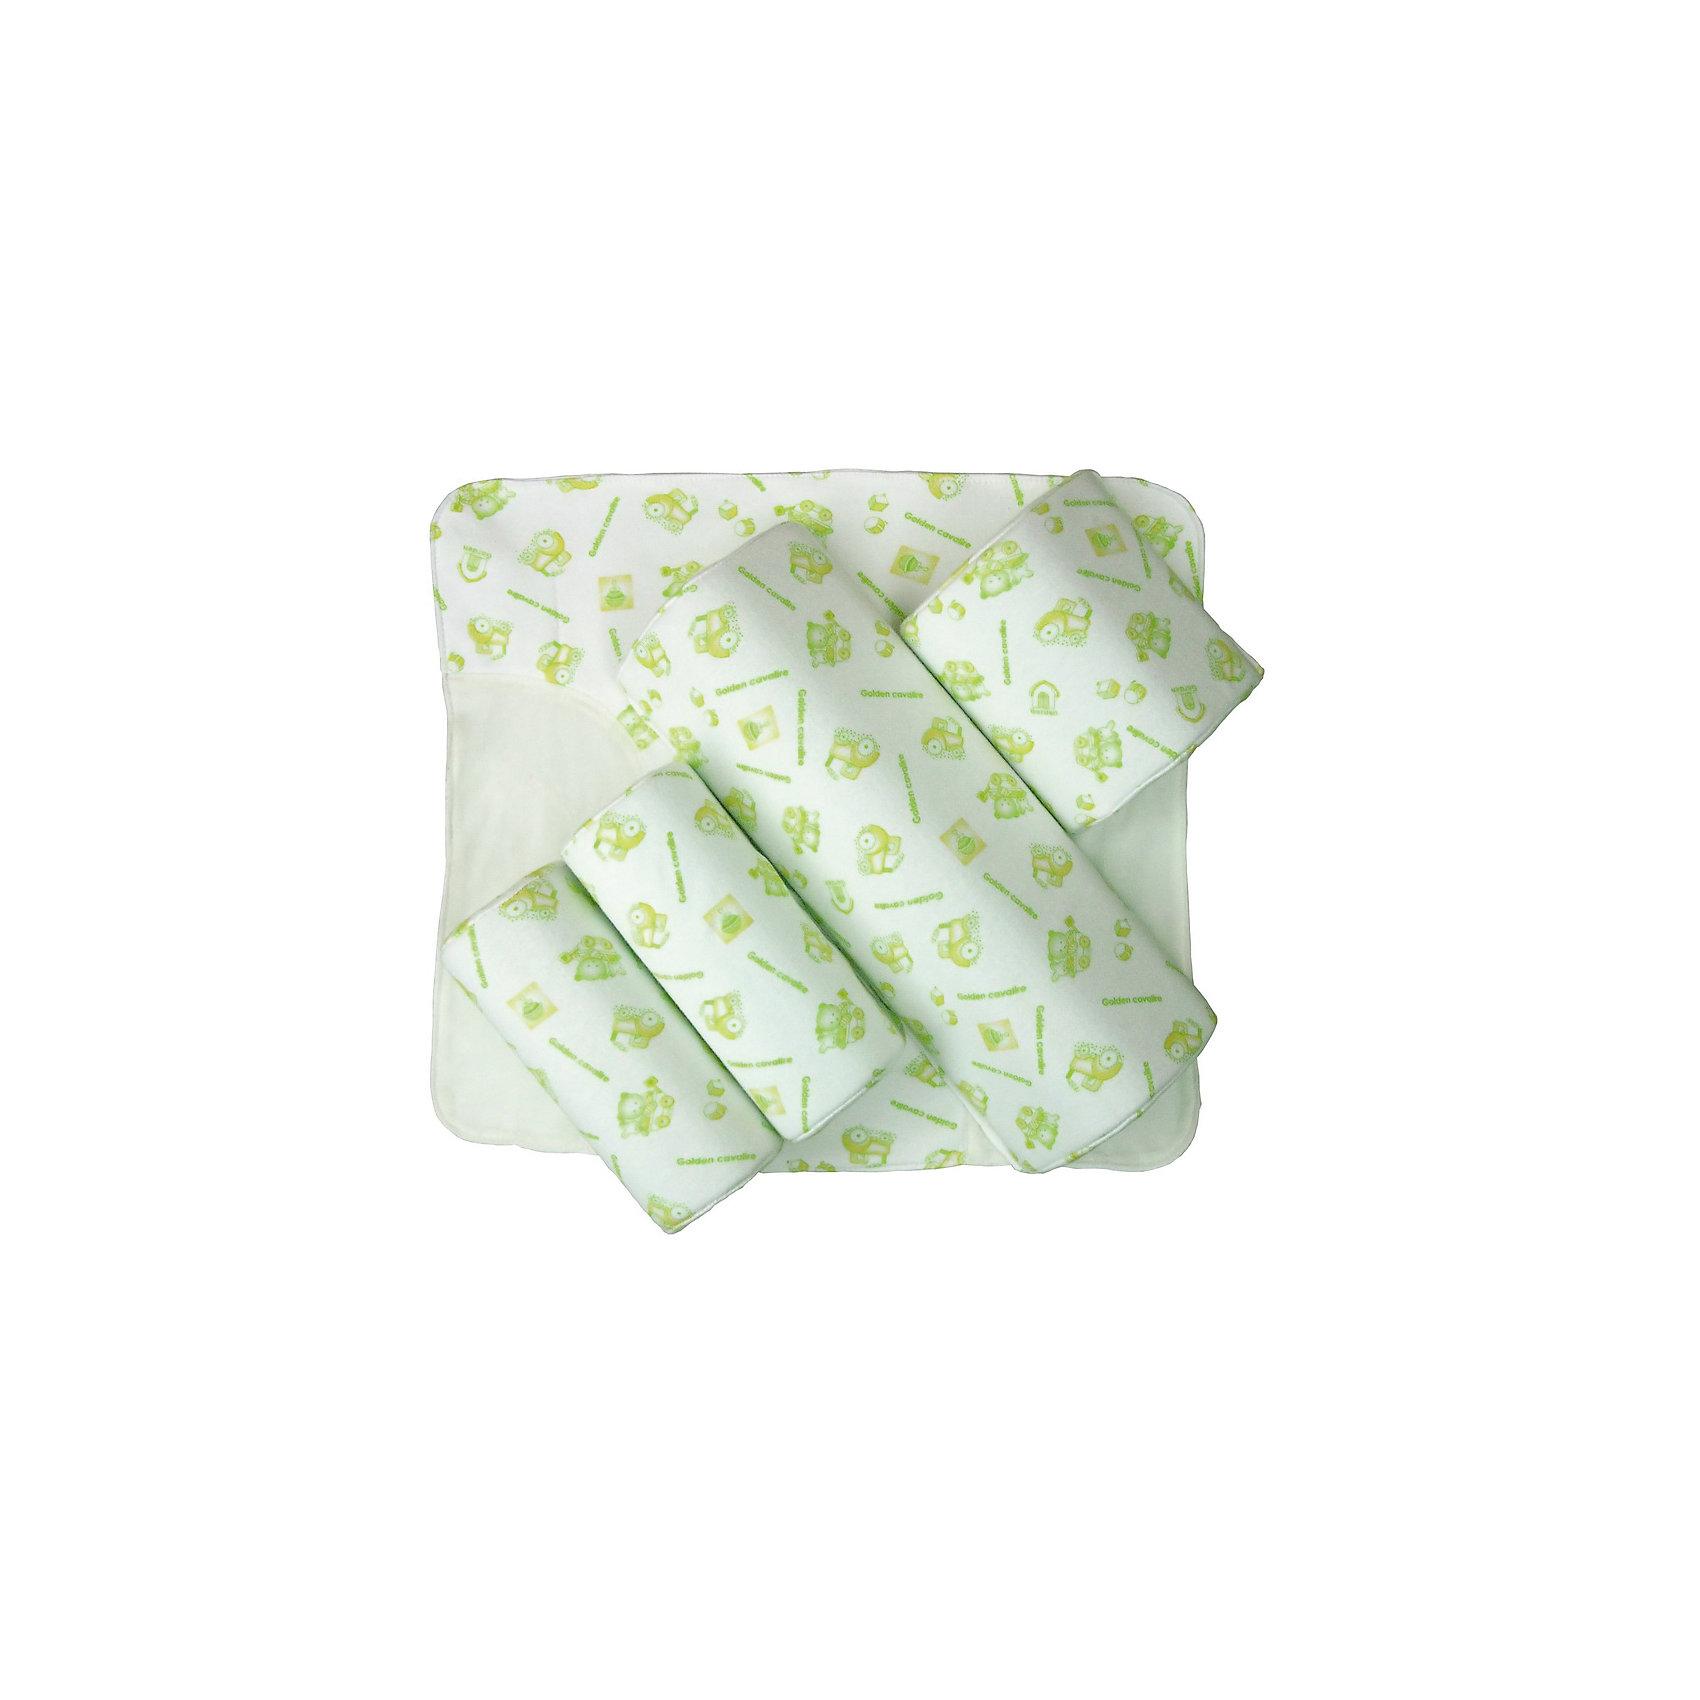 Подушка для младенца комплект - трансформер, SelbyПодушки<br>Подушка для младенца комплект - трансформер, Selby (Селби) – это незаменимый помощник для отдыха и комфорта вашего малыша.<br>Подушка для младенца состоит из валиков разного размера, которые легко крепятся к ворсистой части основания-простынки и ограничивают смещения тела и головы ребенка во время сна. Использование подушки позволяет зафиксировать ребенка в нужном положении, предупреждает травмы и падение малыша. Рекомендуется детям в возрасте до 6 месяцев.<br><br>Дополнительная информация:<br><br>- В наборе 4 мягких валика: большой (35 см), 2 средних (19 см), малый (14 см)<br>- Материал верха: 100% хлопок<br>- Наполнитель: пенополиуретан<br><br>Подушку для младенца комплект - трансформер, Selby (Селби) можно купить в нашем интернет-магазине.<br><br>Ширина мм: 1960<br>Глубина мм: 600<br>Высота мм: 100<br>Вес г: 700<br>Возраст от месяцев: 0<br>Возраст до месяцев: 36<br>Пол: Унисекс<br>Возраст: Детский<br>SKU: 4354319